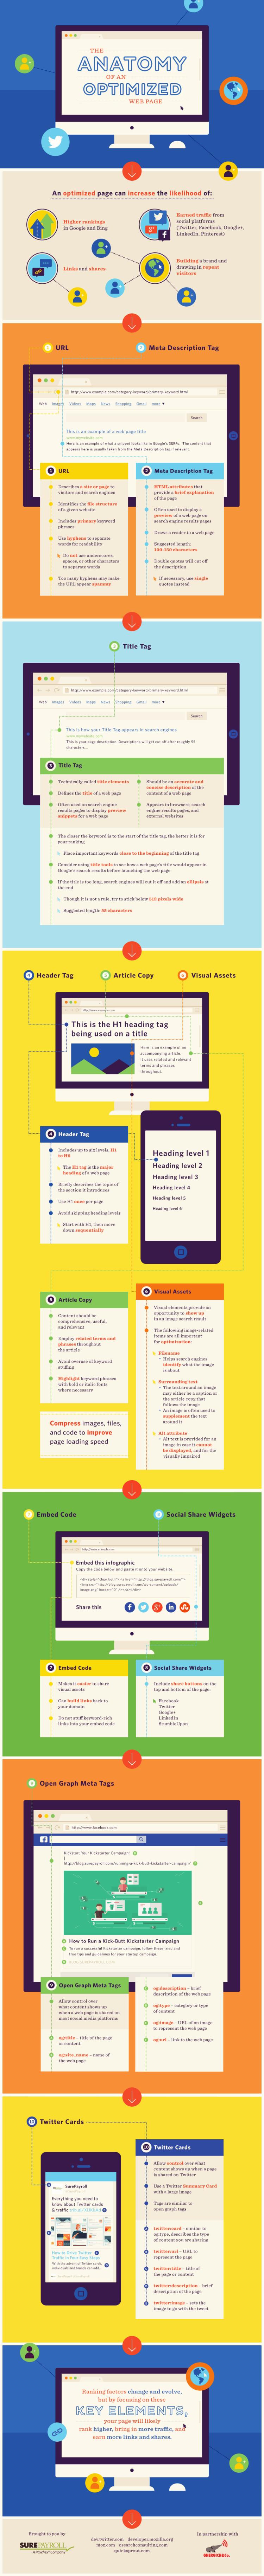 Anatomia di una pagina ottimizzata #Infografica #SEO